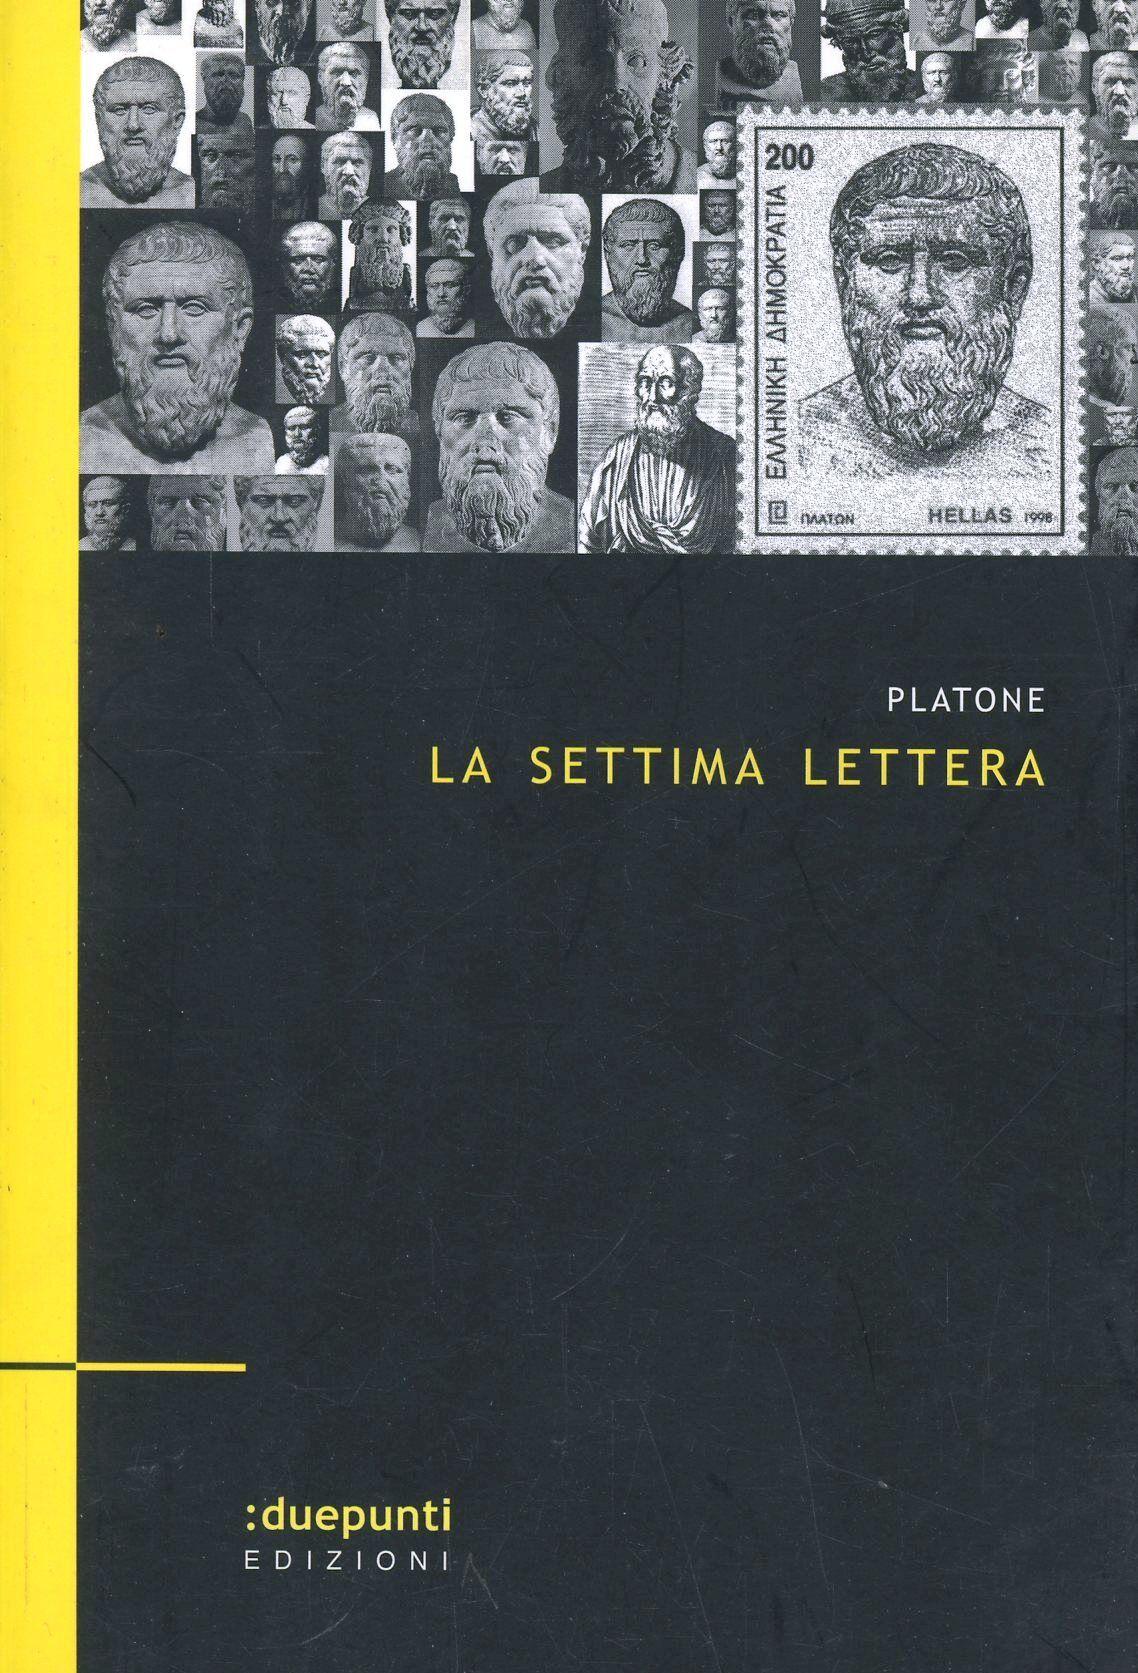 La settima lettera